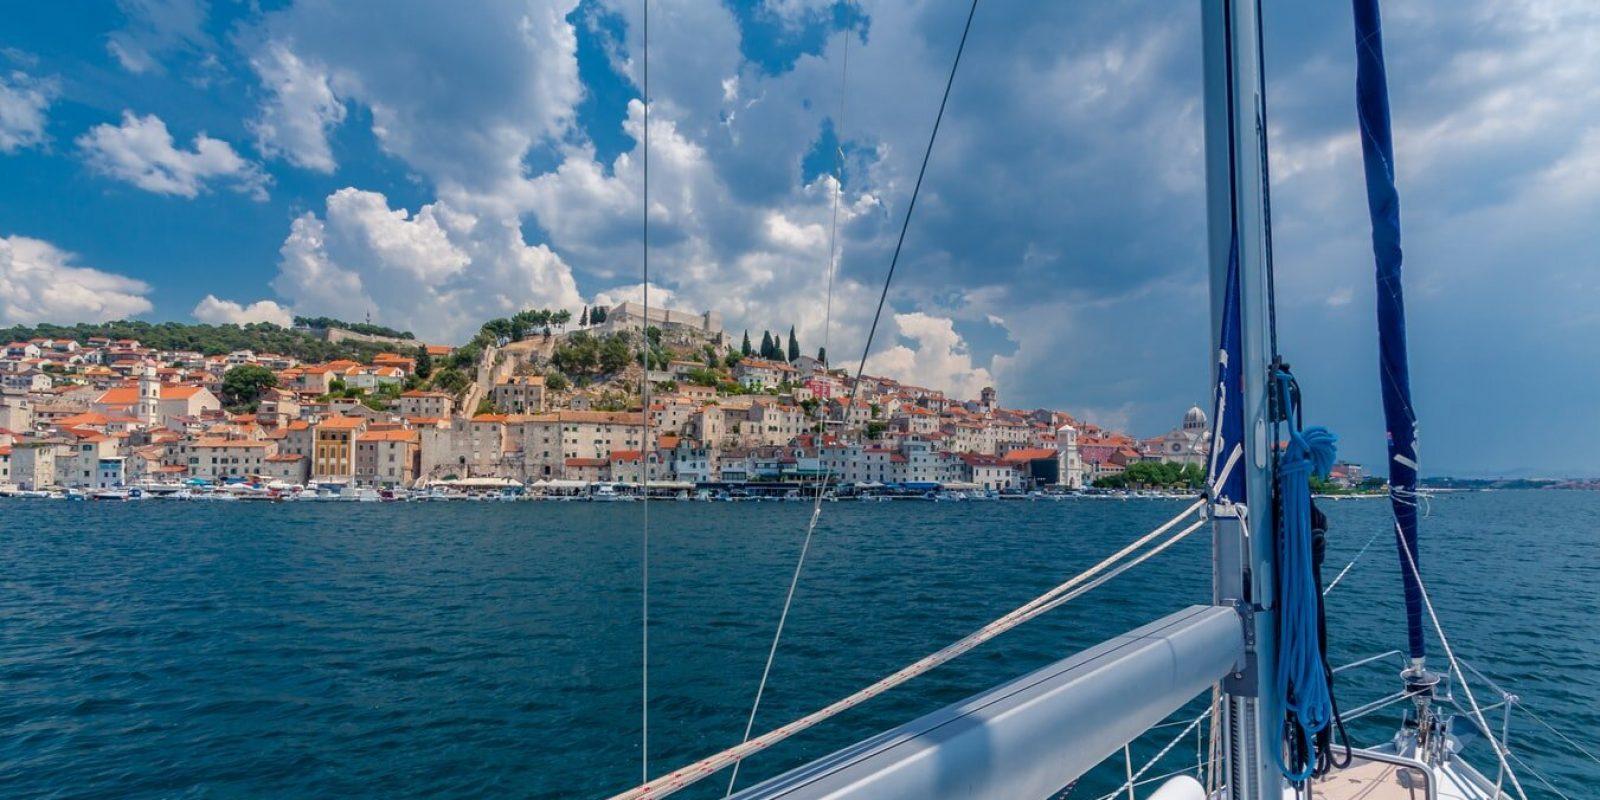 De kustlijn van Kroatië - Flottielje Zeilen